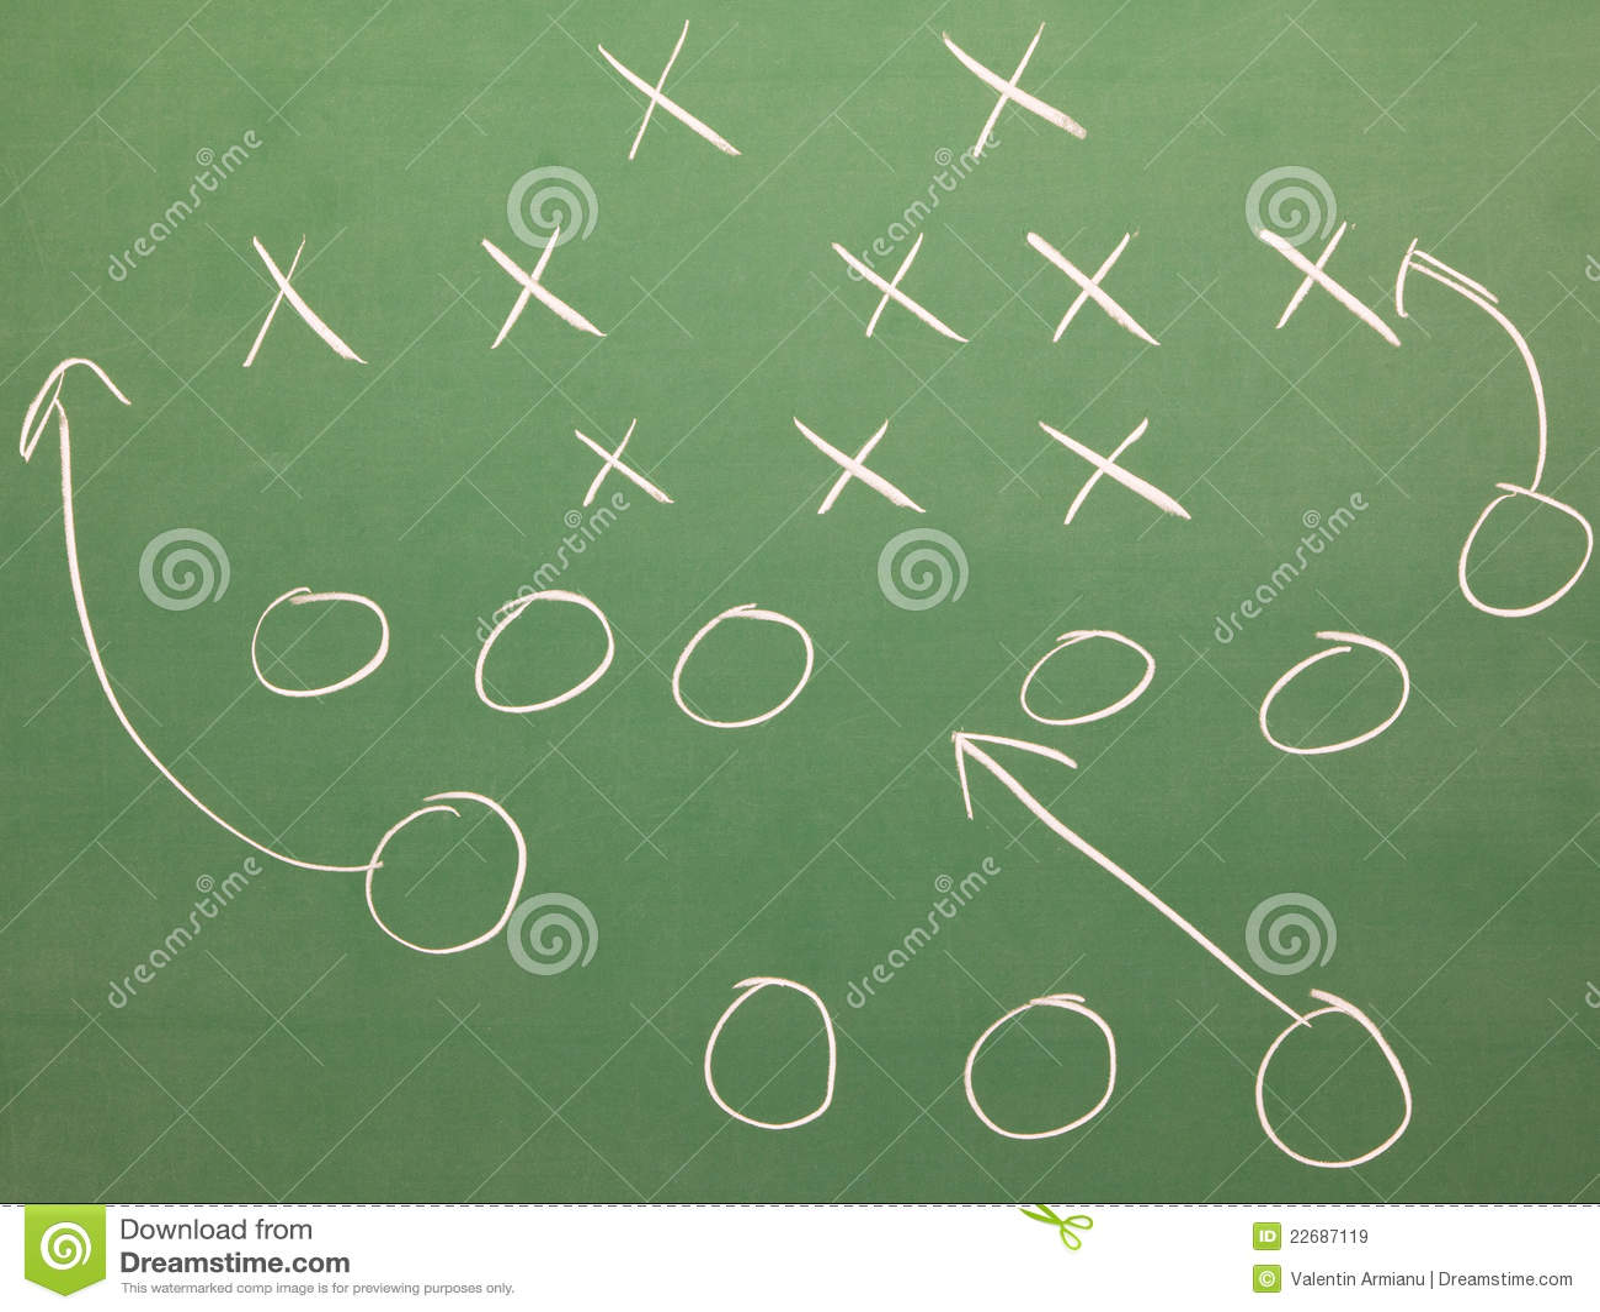 Strategia di gioco del calcio